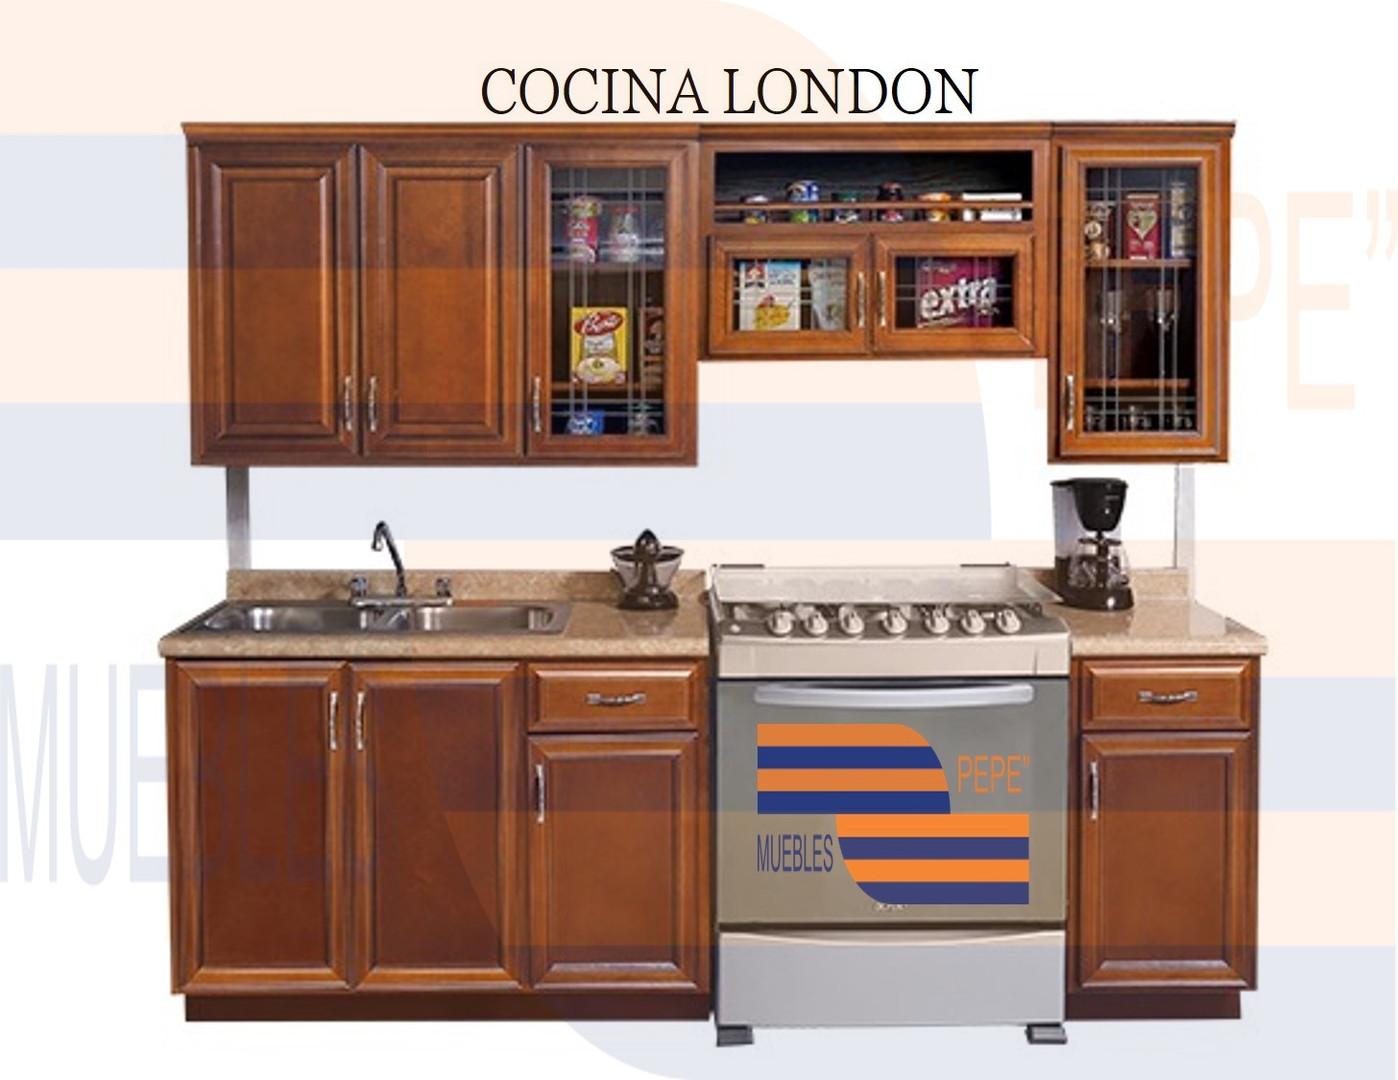 COCINA LONDON